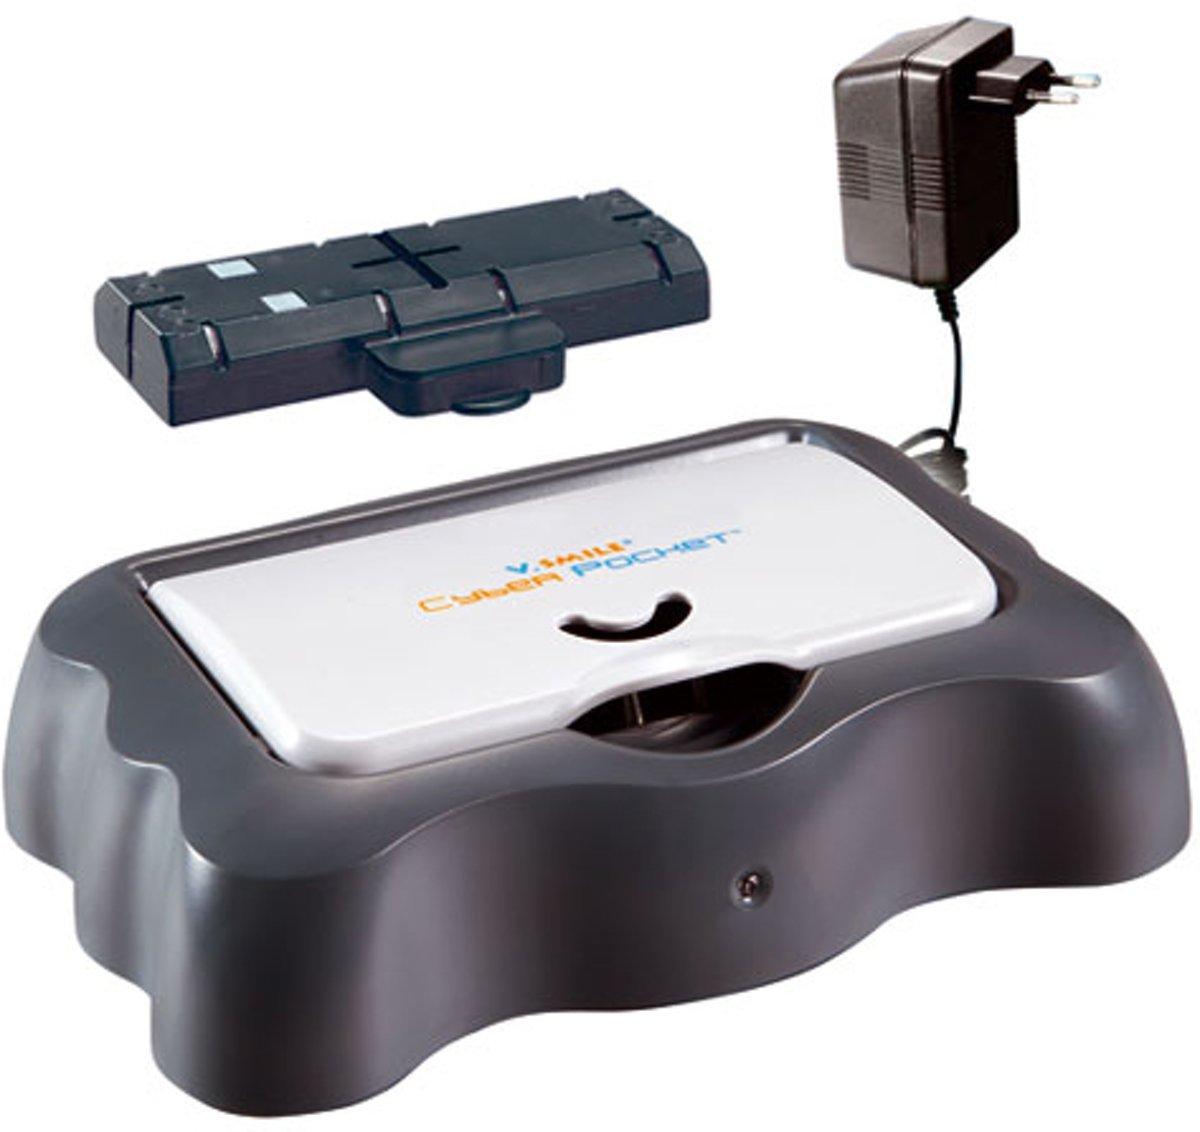 VTech V.Smile - Pocket Oplaadstation